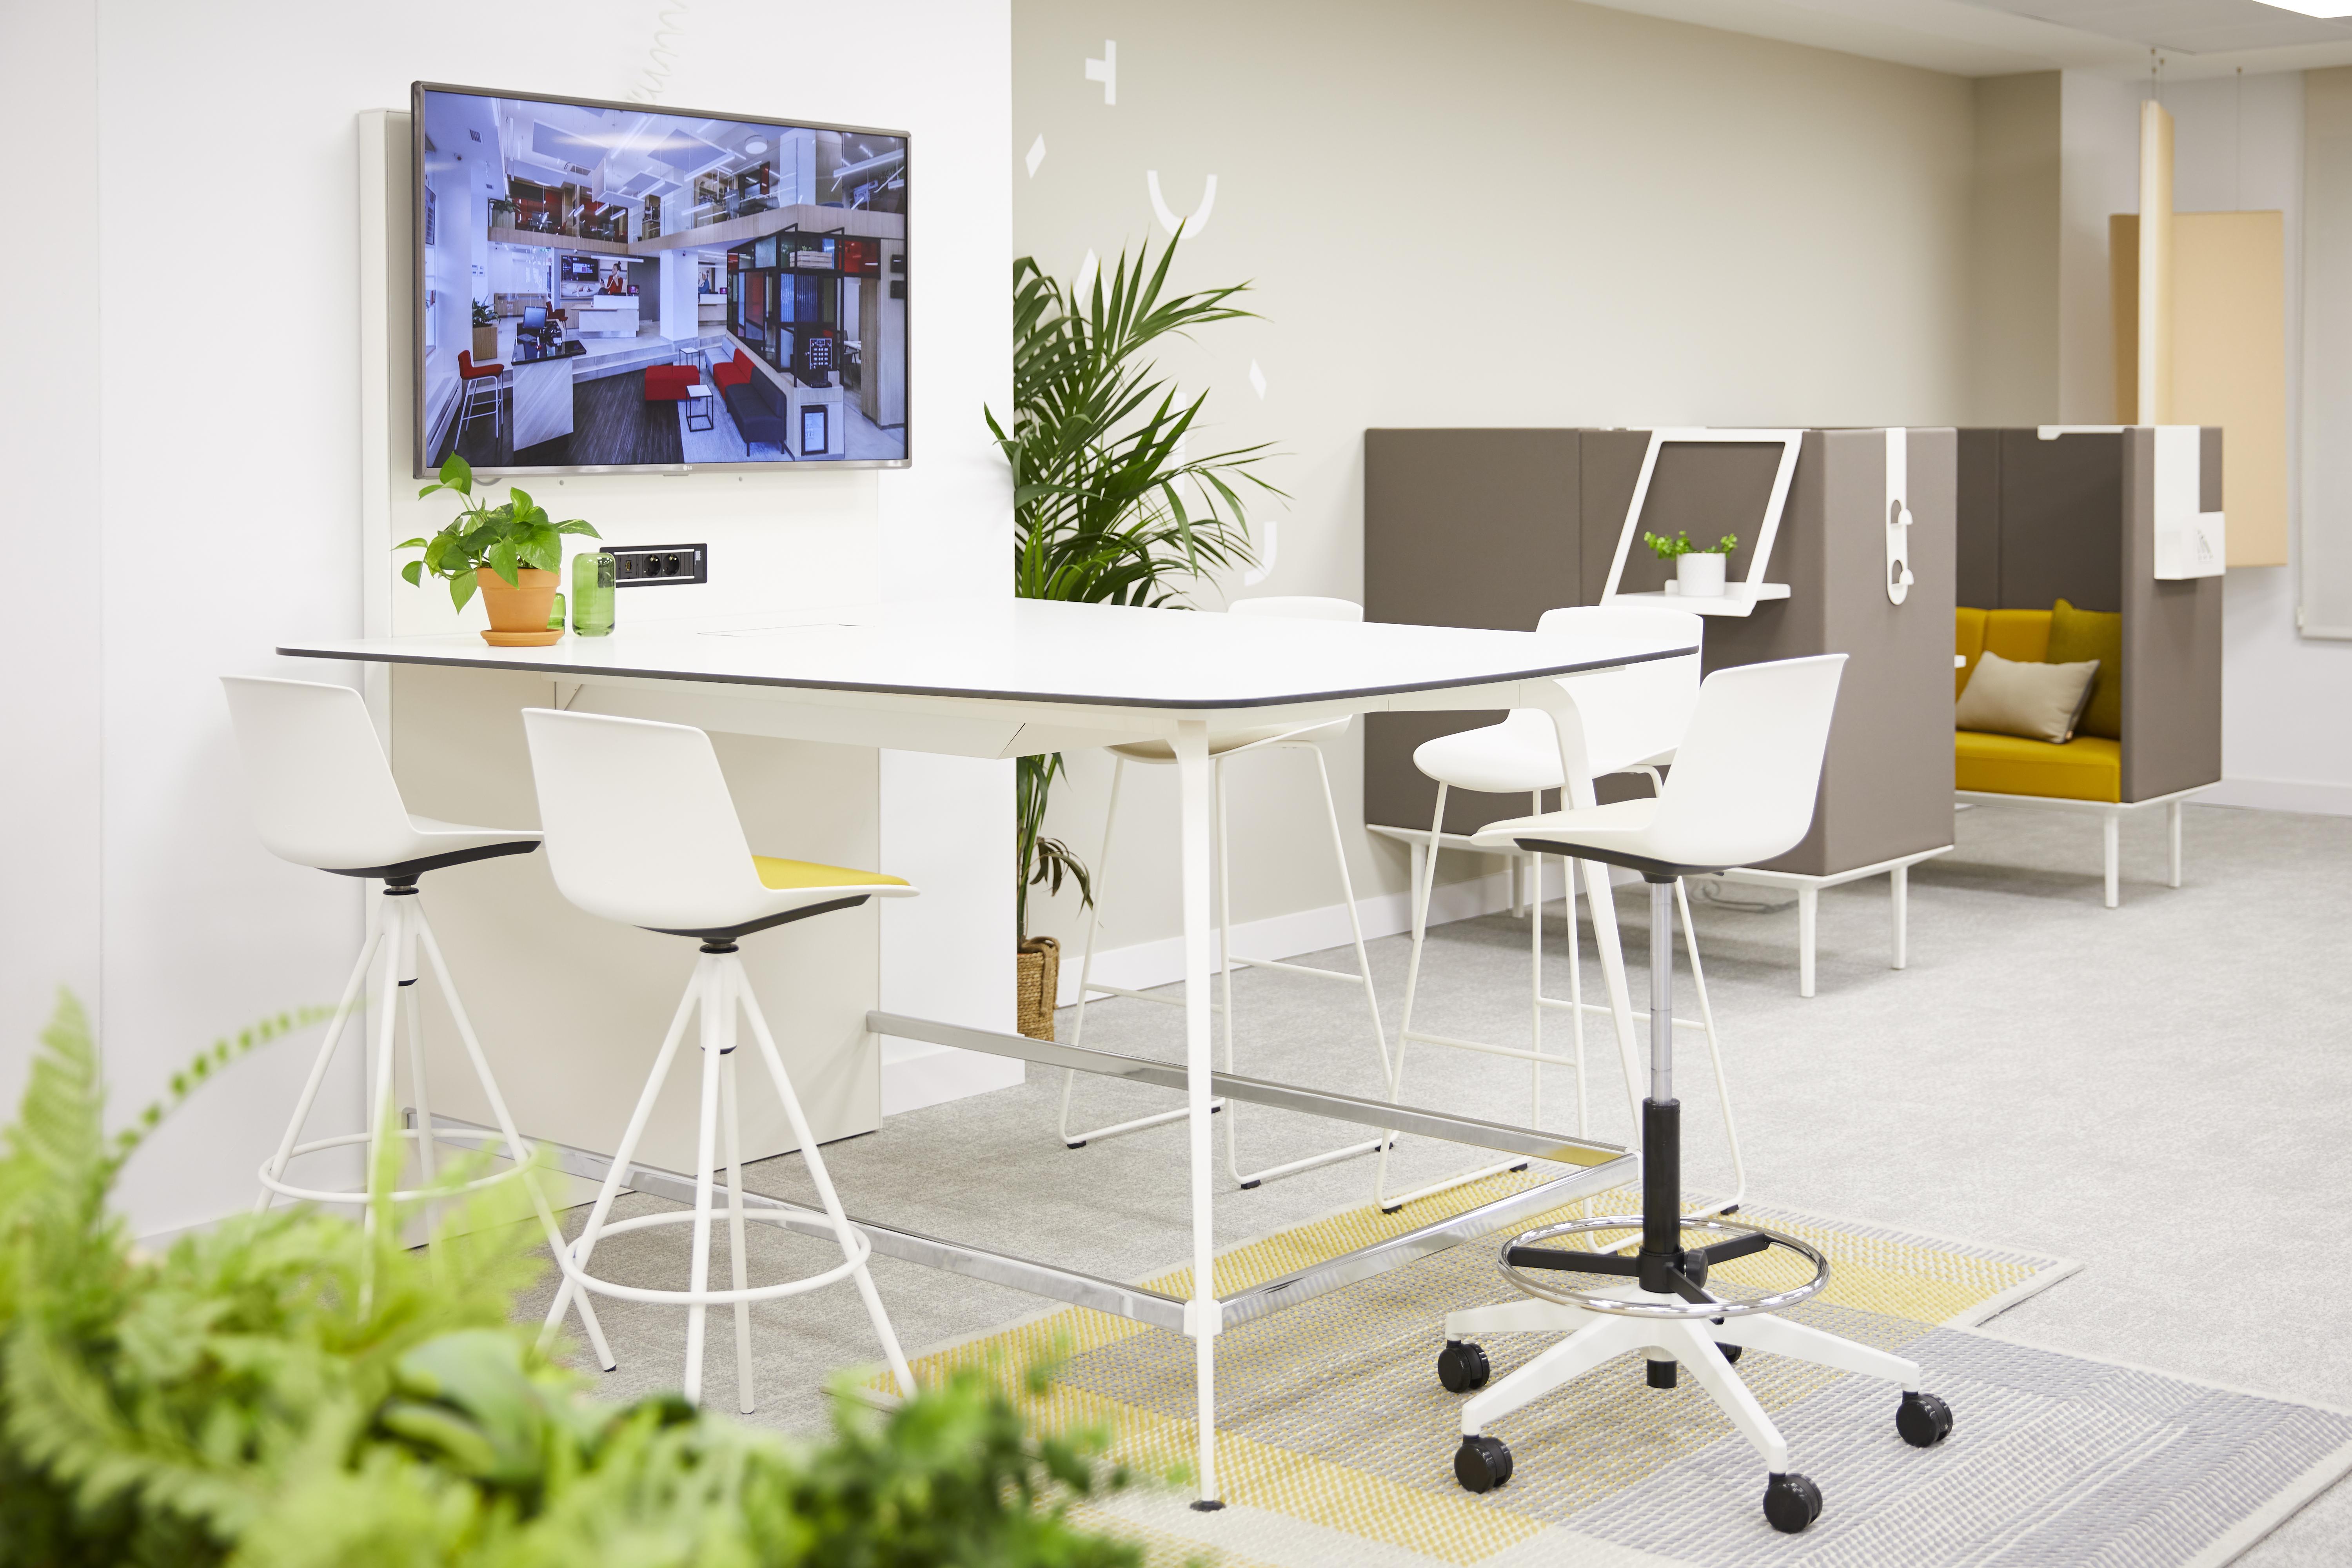 Actiu adapta espacios hoteleros para el co-working